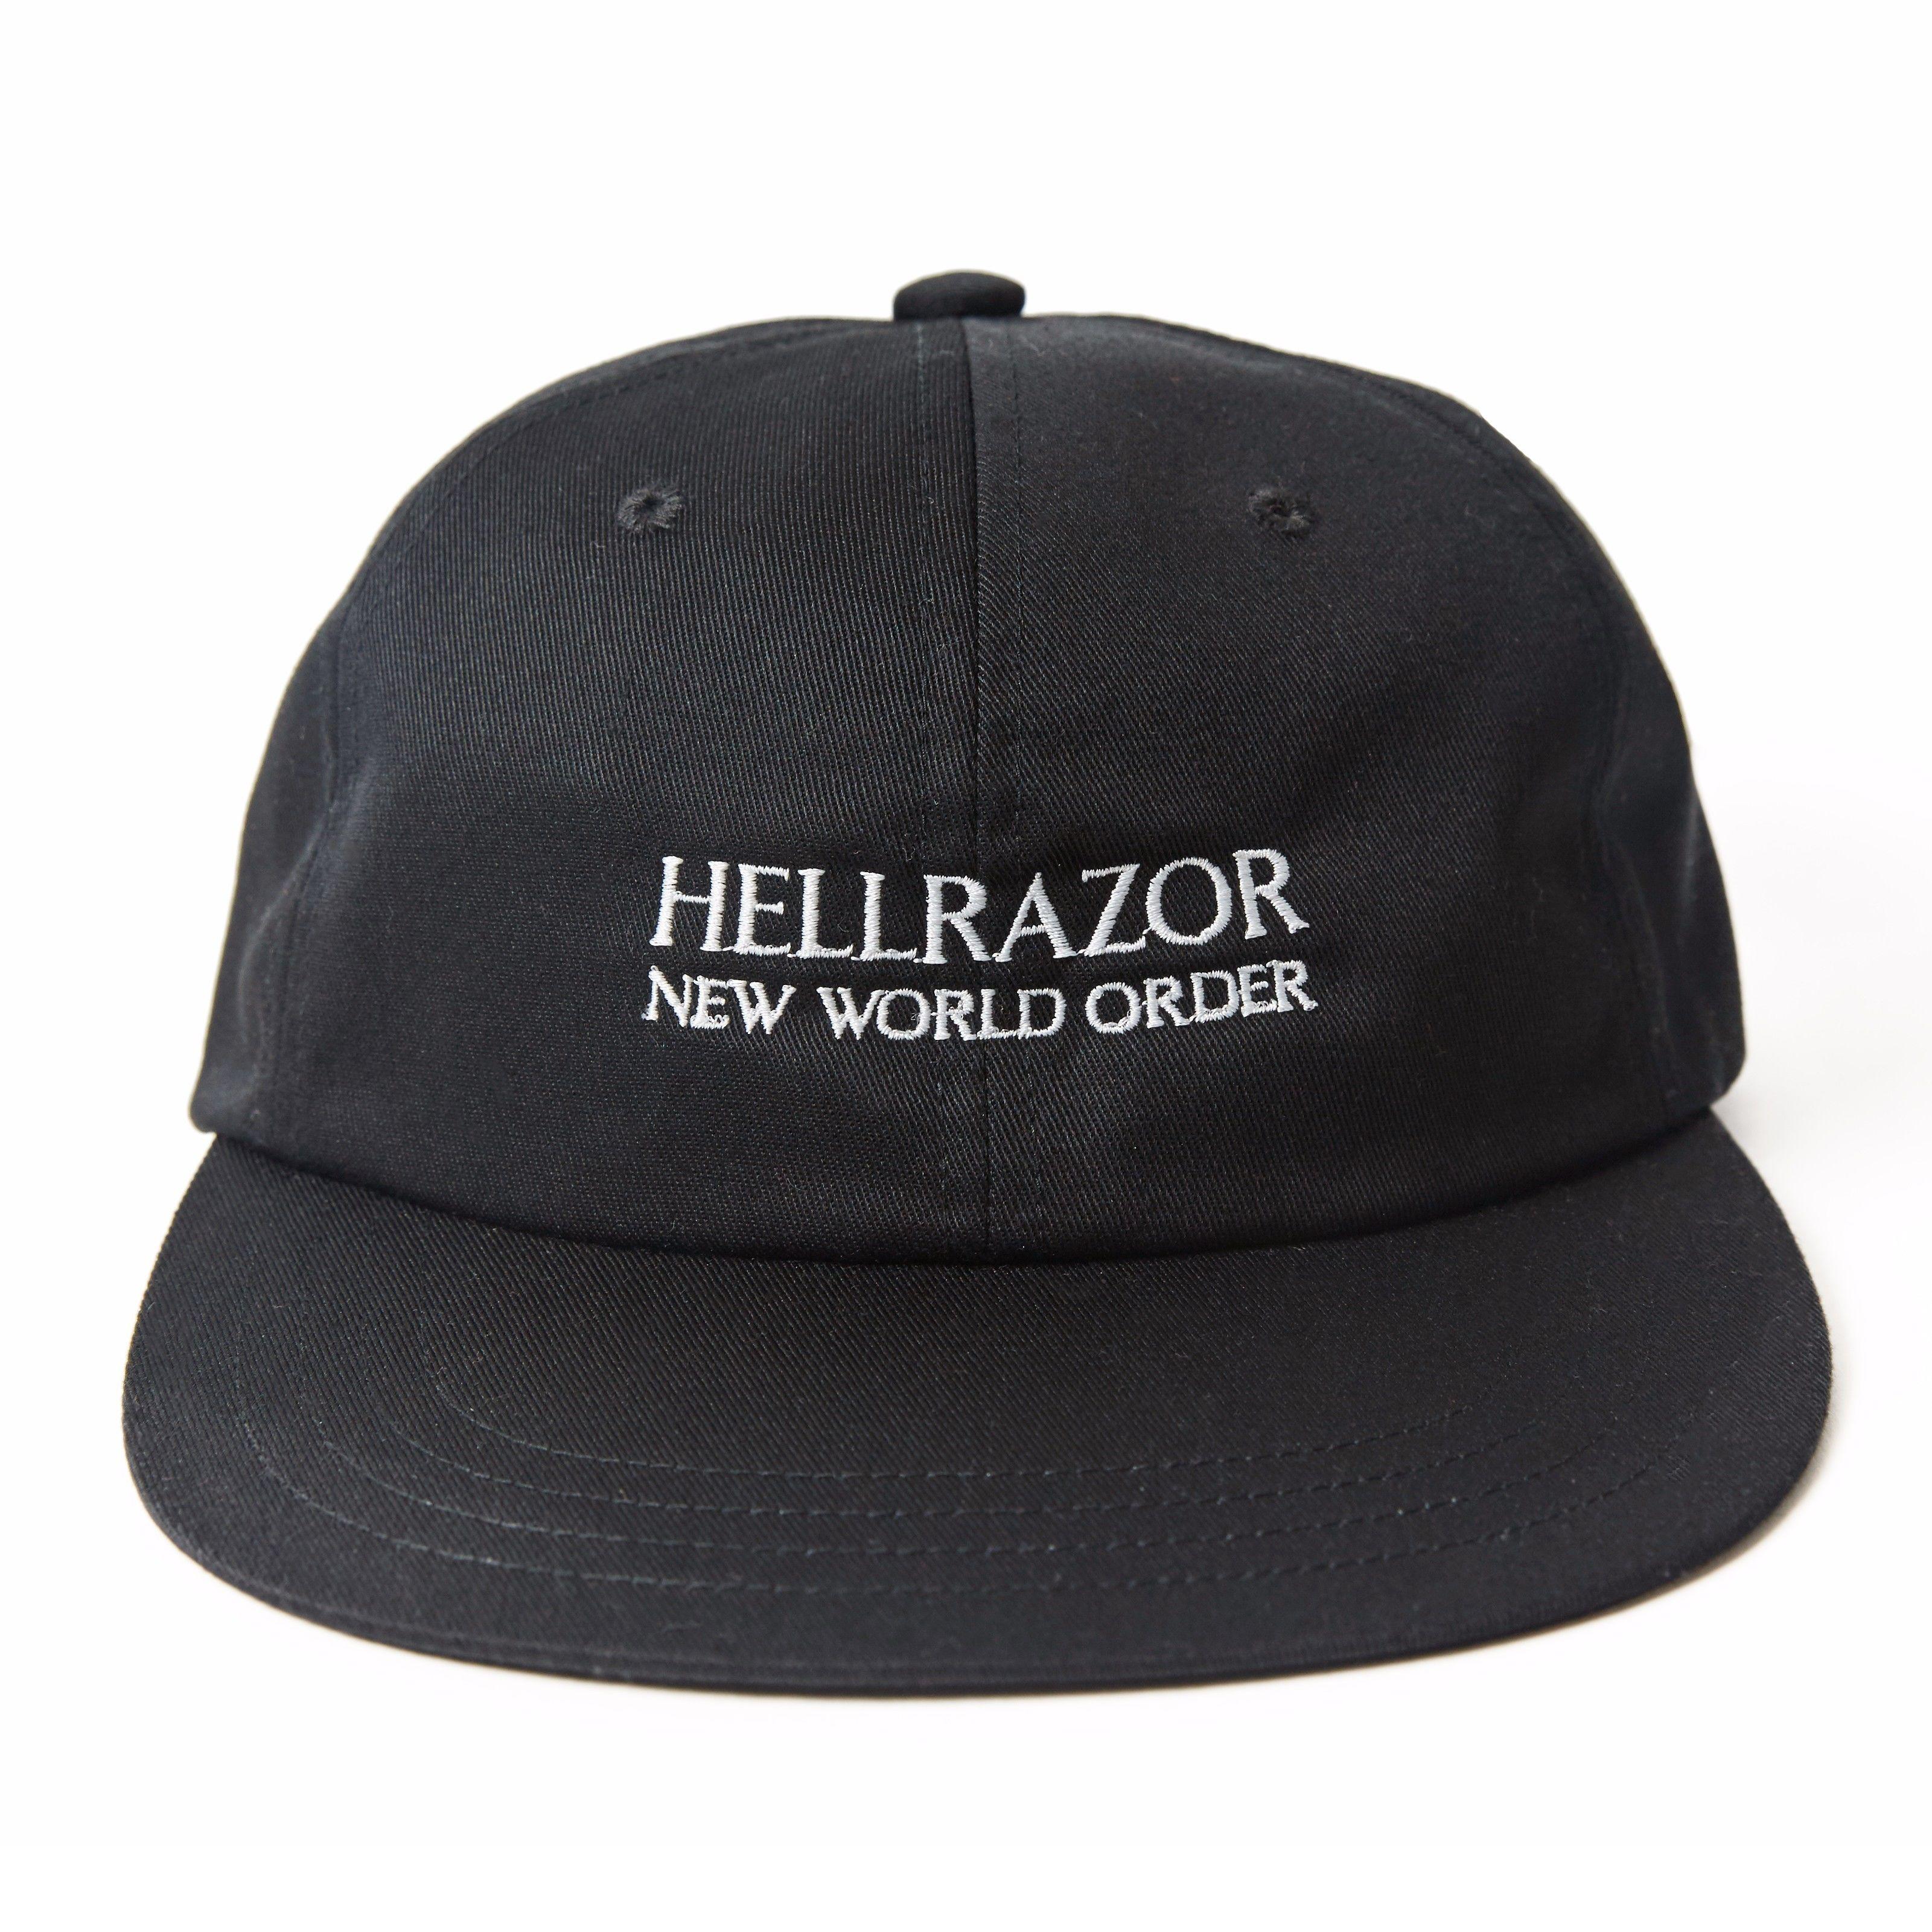 HELLRAZOR NEW WORLD ORDER 6PANEL CAP BLACK  617d79a44a26